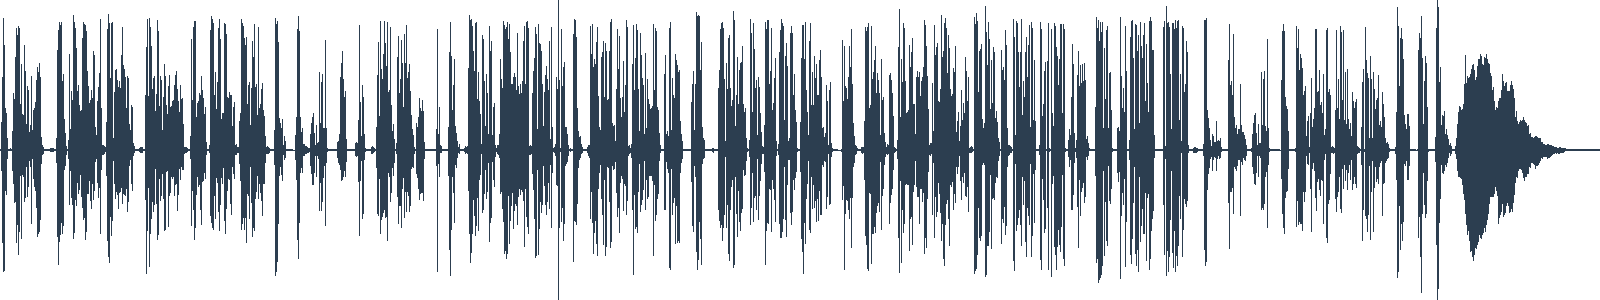 Konec civilizace - ukázka z audioknihy waveform